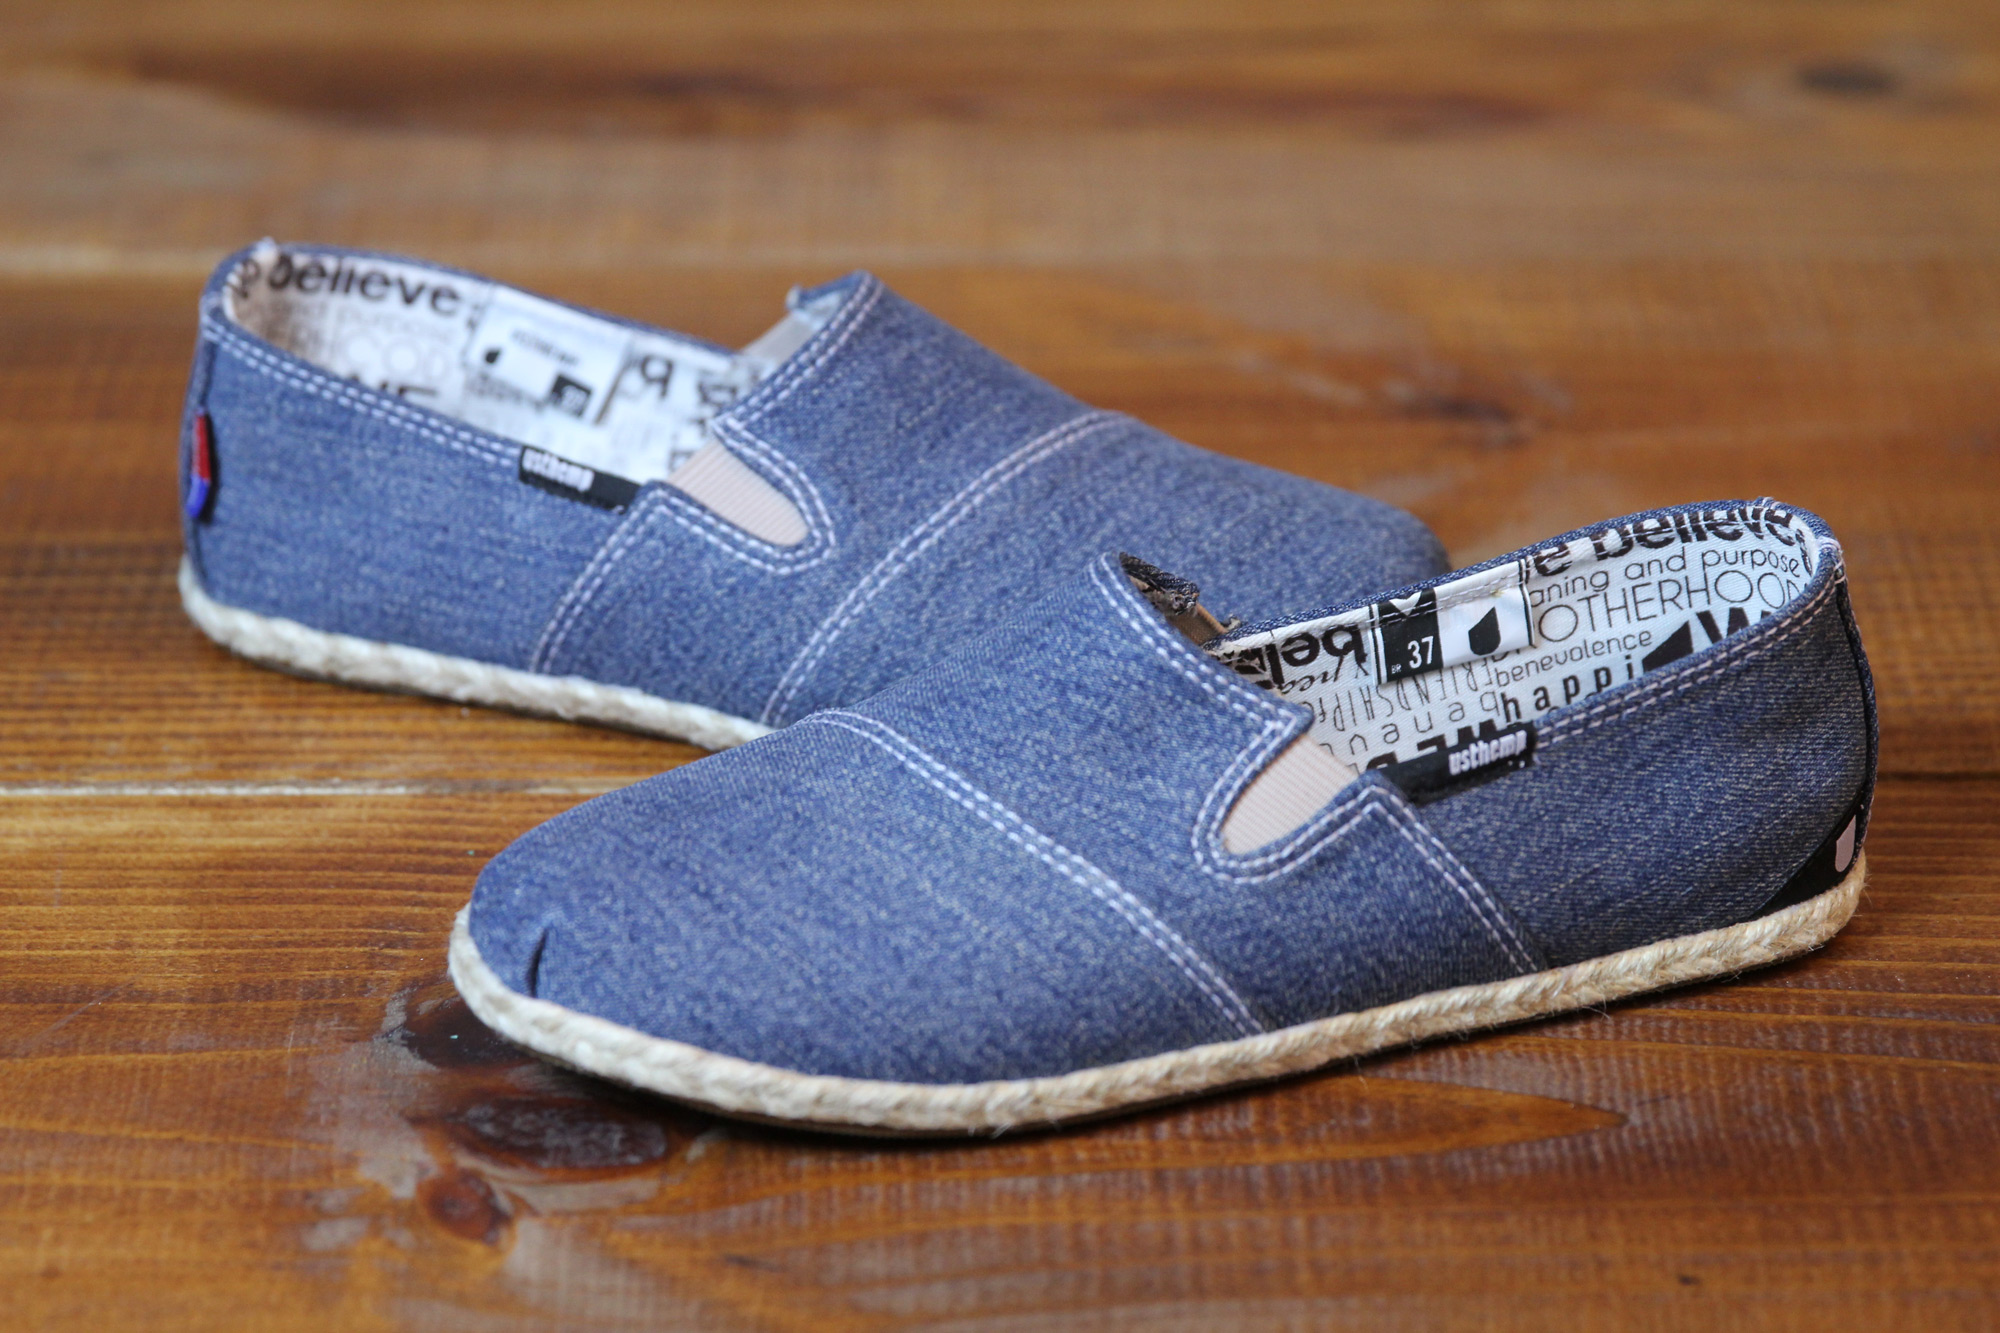 Se você quer inovar ainda mais, pode fazer uma alpargata a partir da sua calça jeans. Isso mesmo. Já pensou em calçar suas calças? Agora você pode.